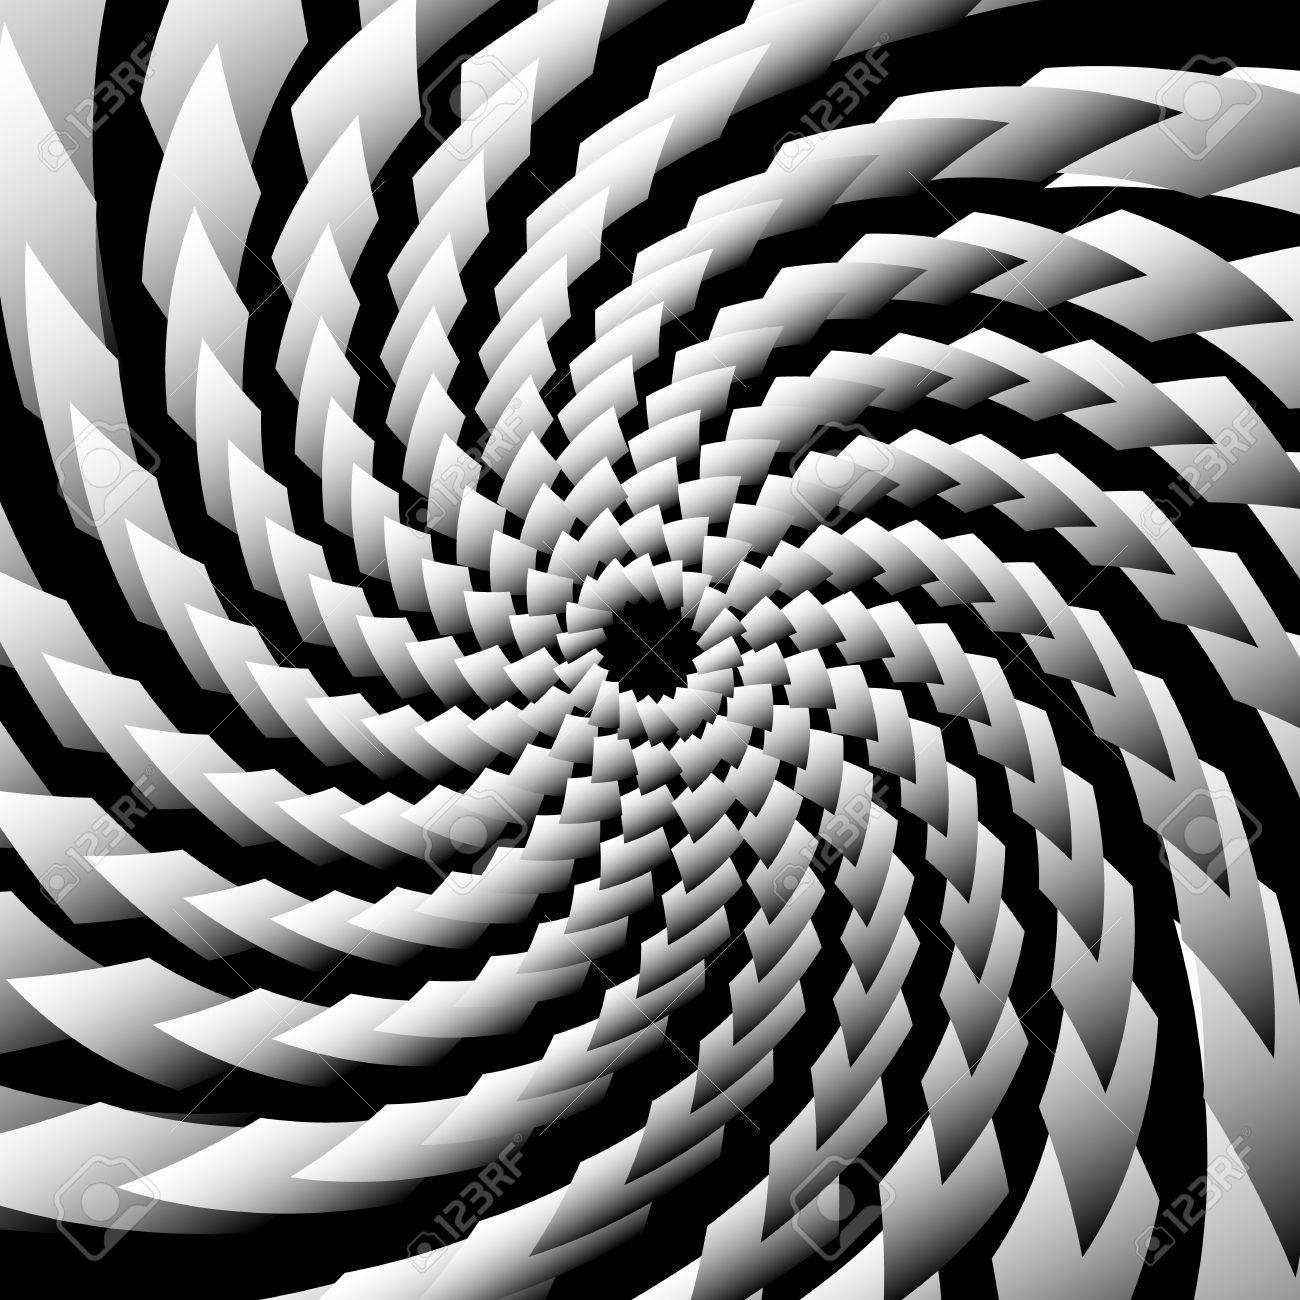 らせん、渦巻き模様の背景、パターン。グレースケールの抽象的なイラスト